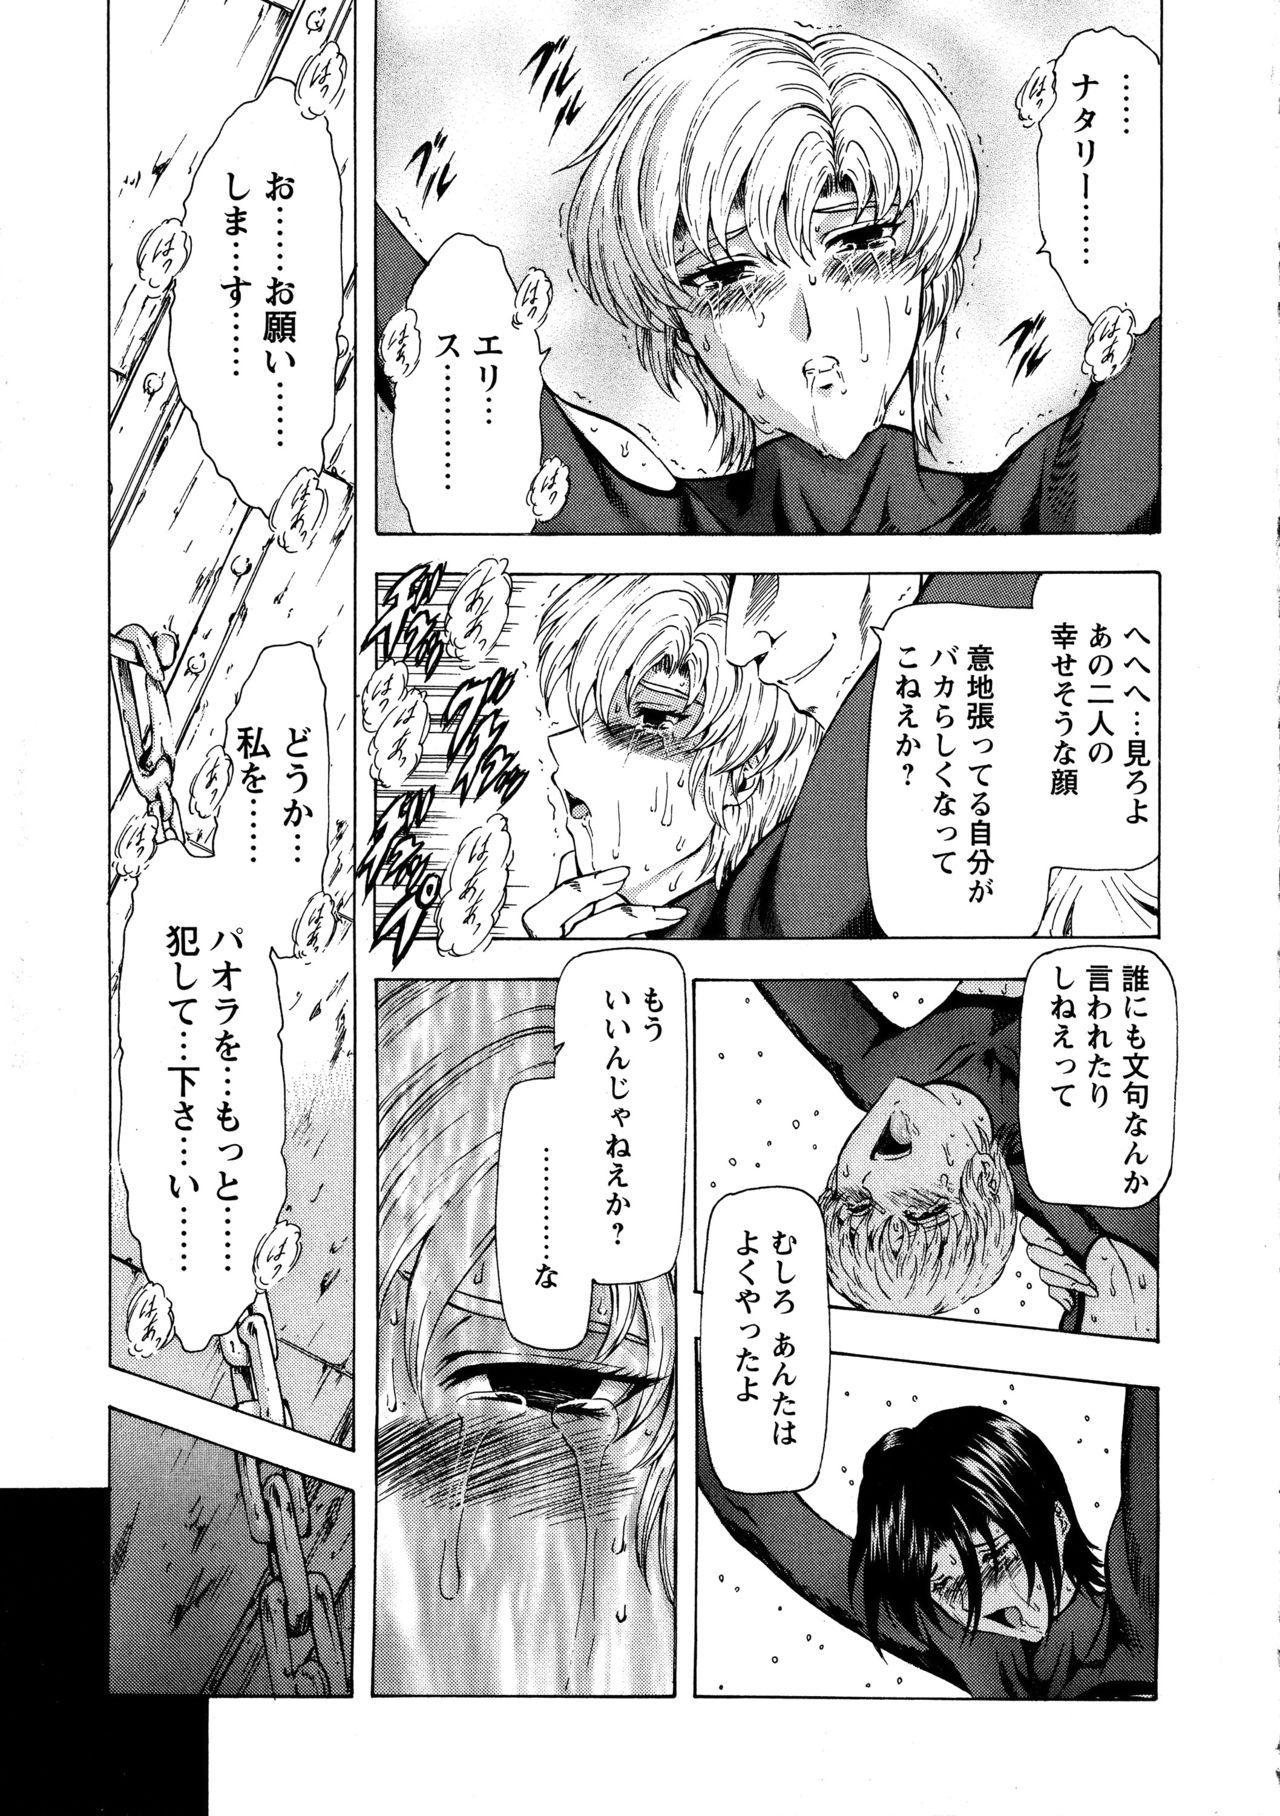 Ginryuu no Reimei Vol. 1 150